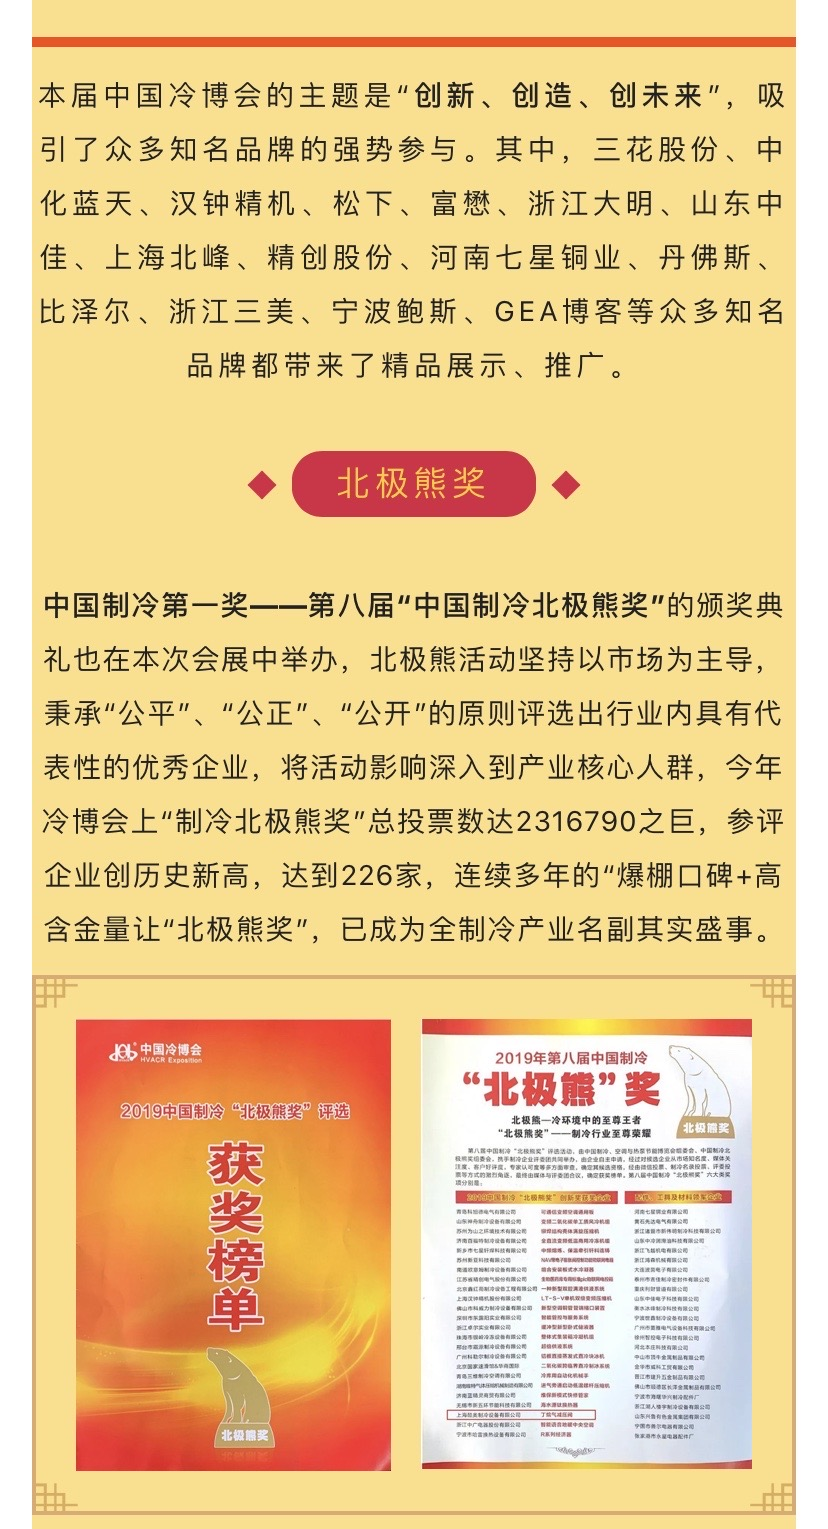 【喜报】猛火?丁烷气减压阀荣获第8届中国制冷北极熊奖